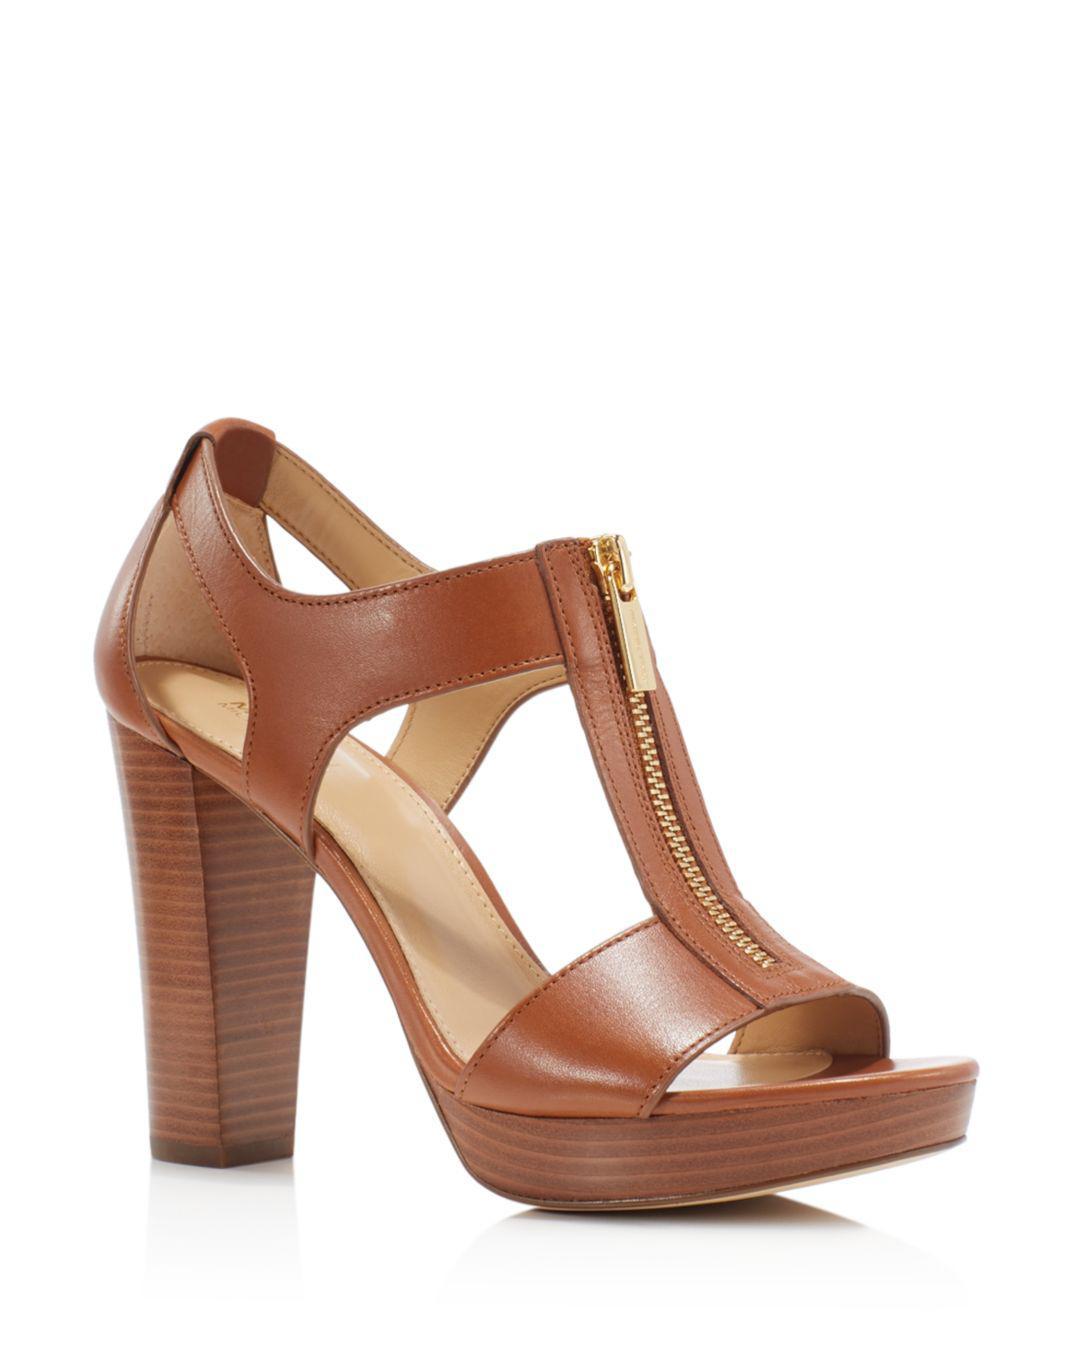 b134450c09 MICHAEL Michael Kors. Women's Brown Berkley Zipper Platform High-heel  Sandals